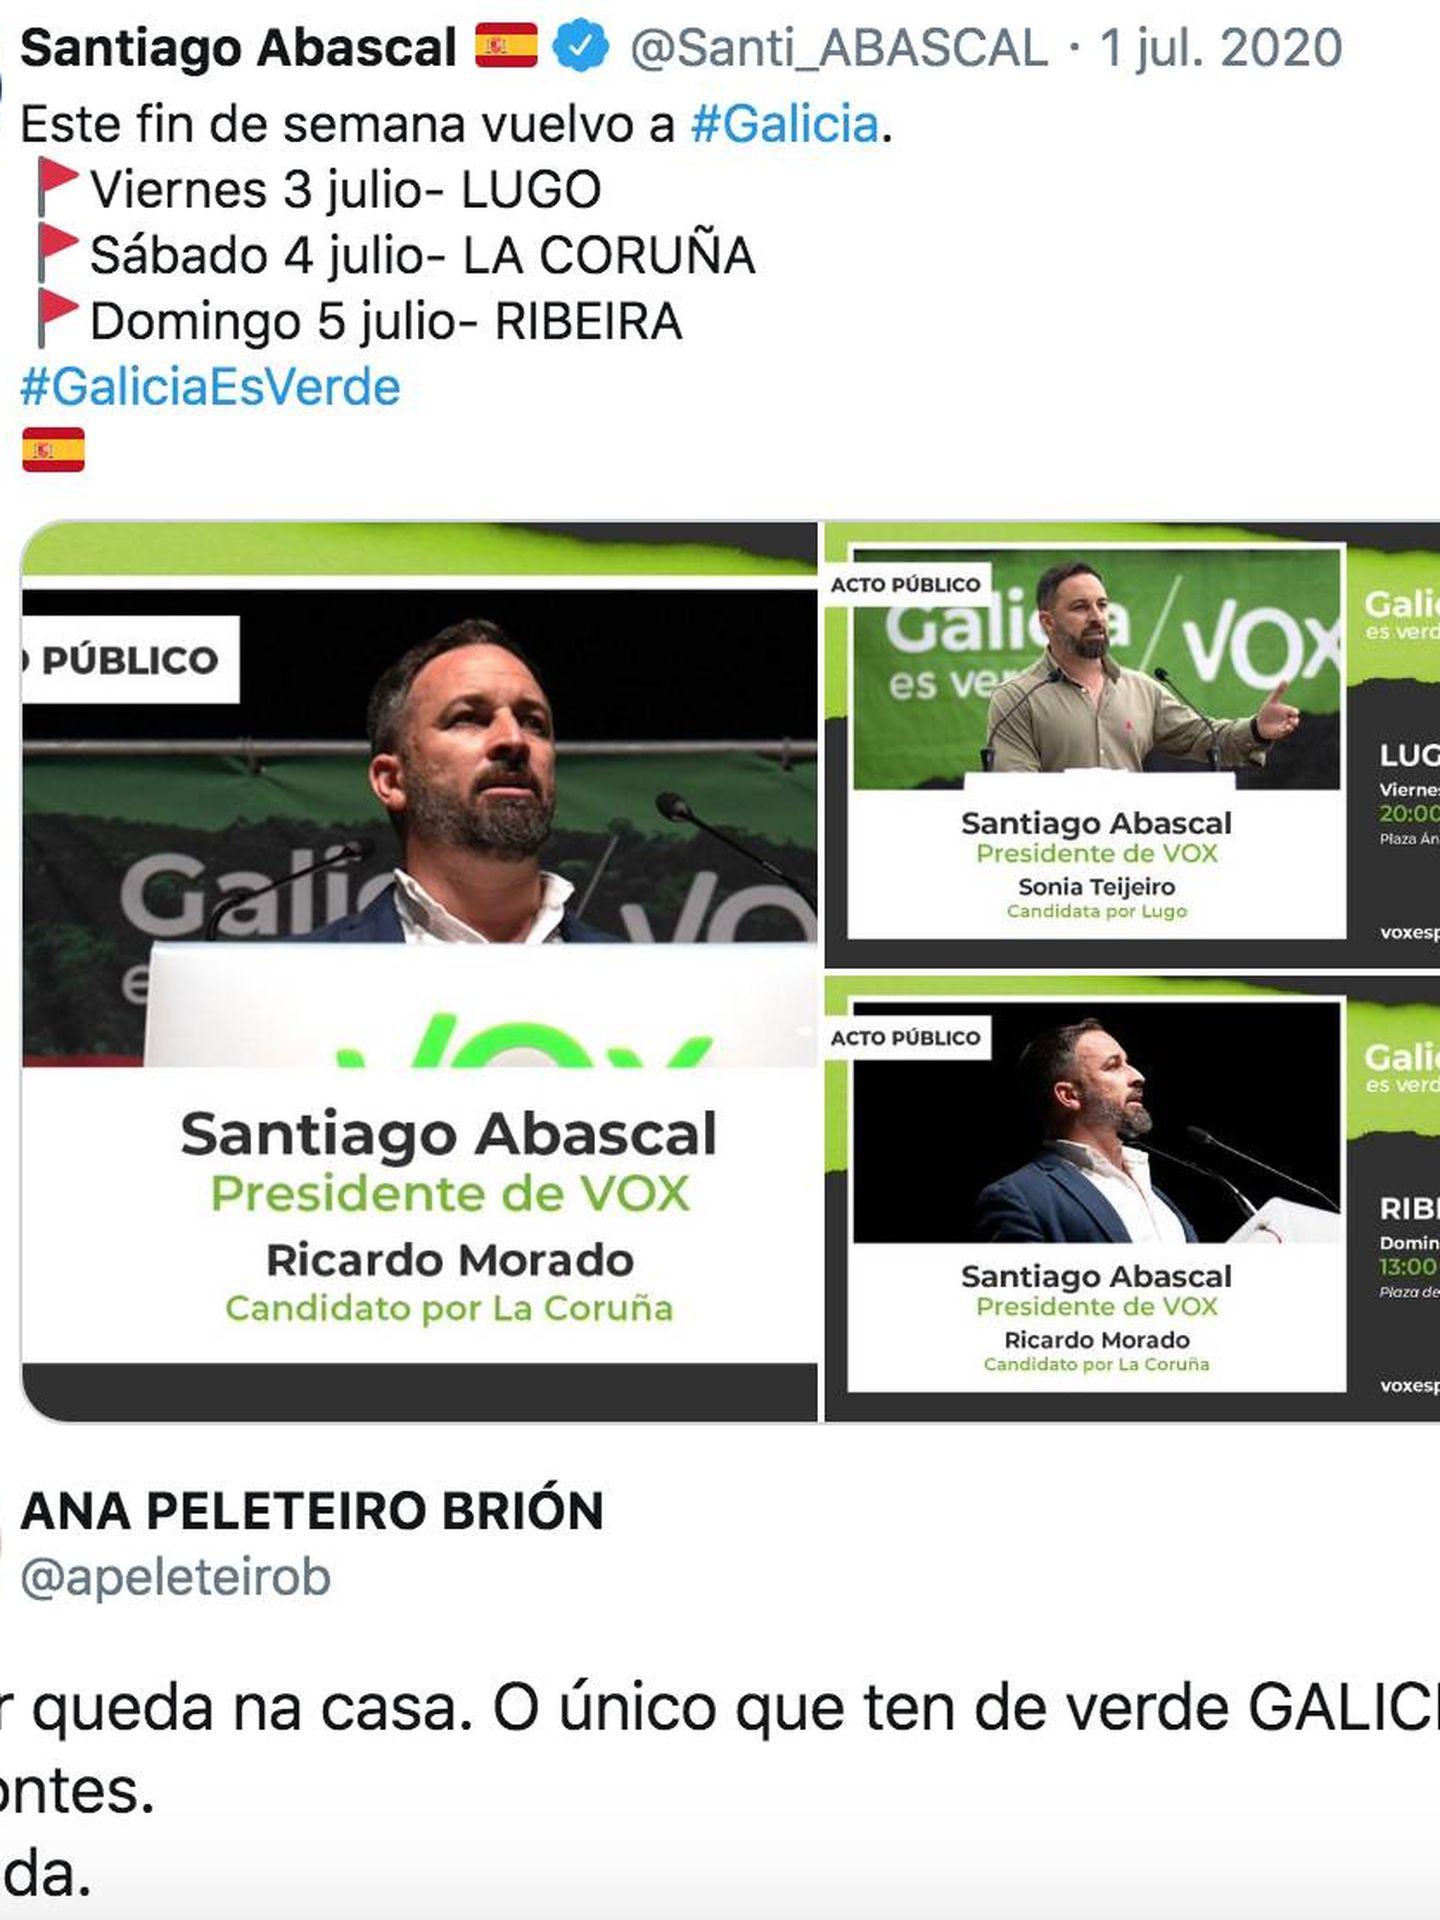 La contestación de Ana Peleteiro a Santiago Abascal